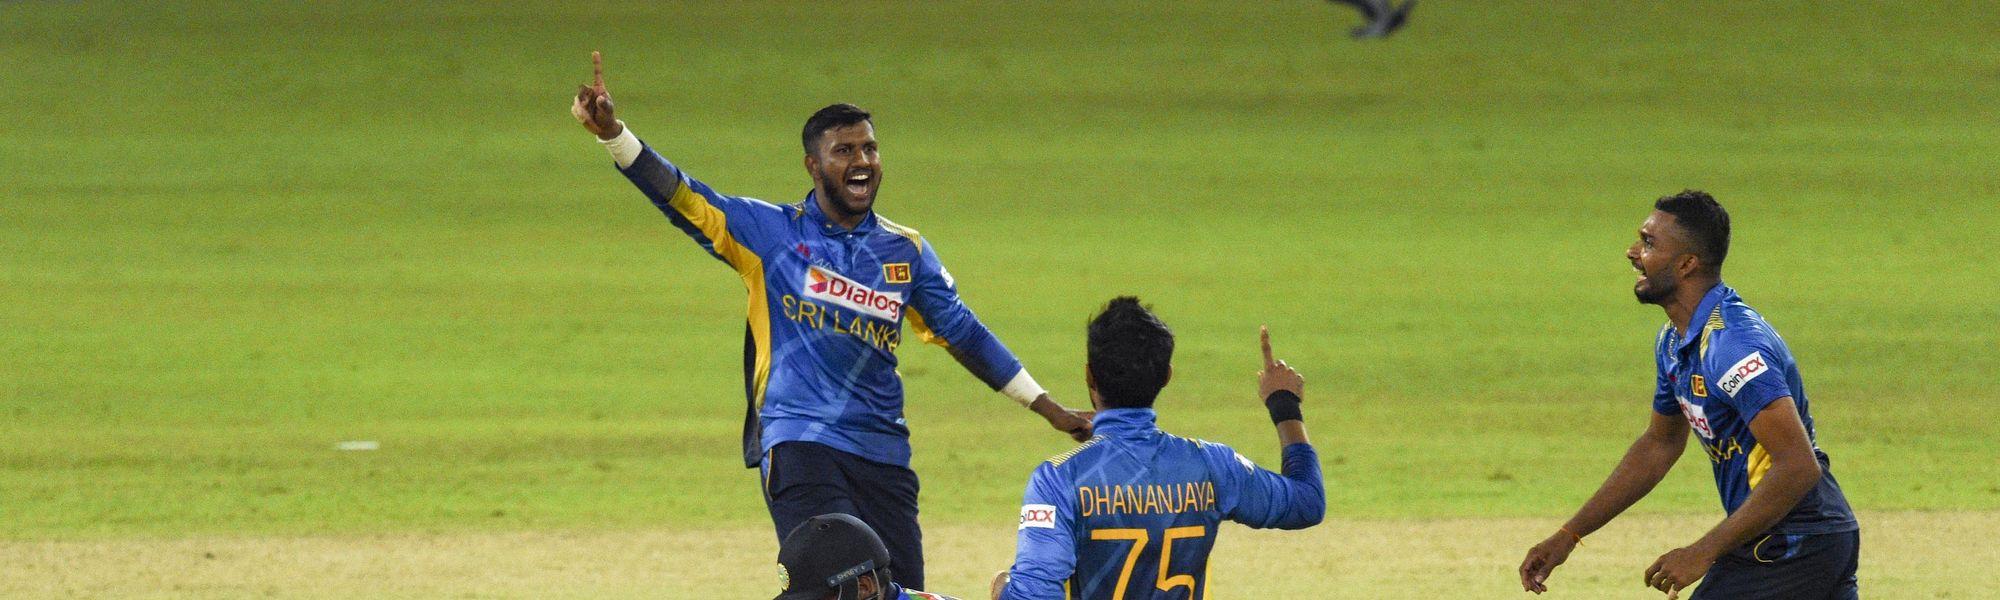 Sri Lanka second ODI